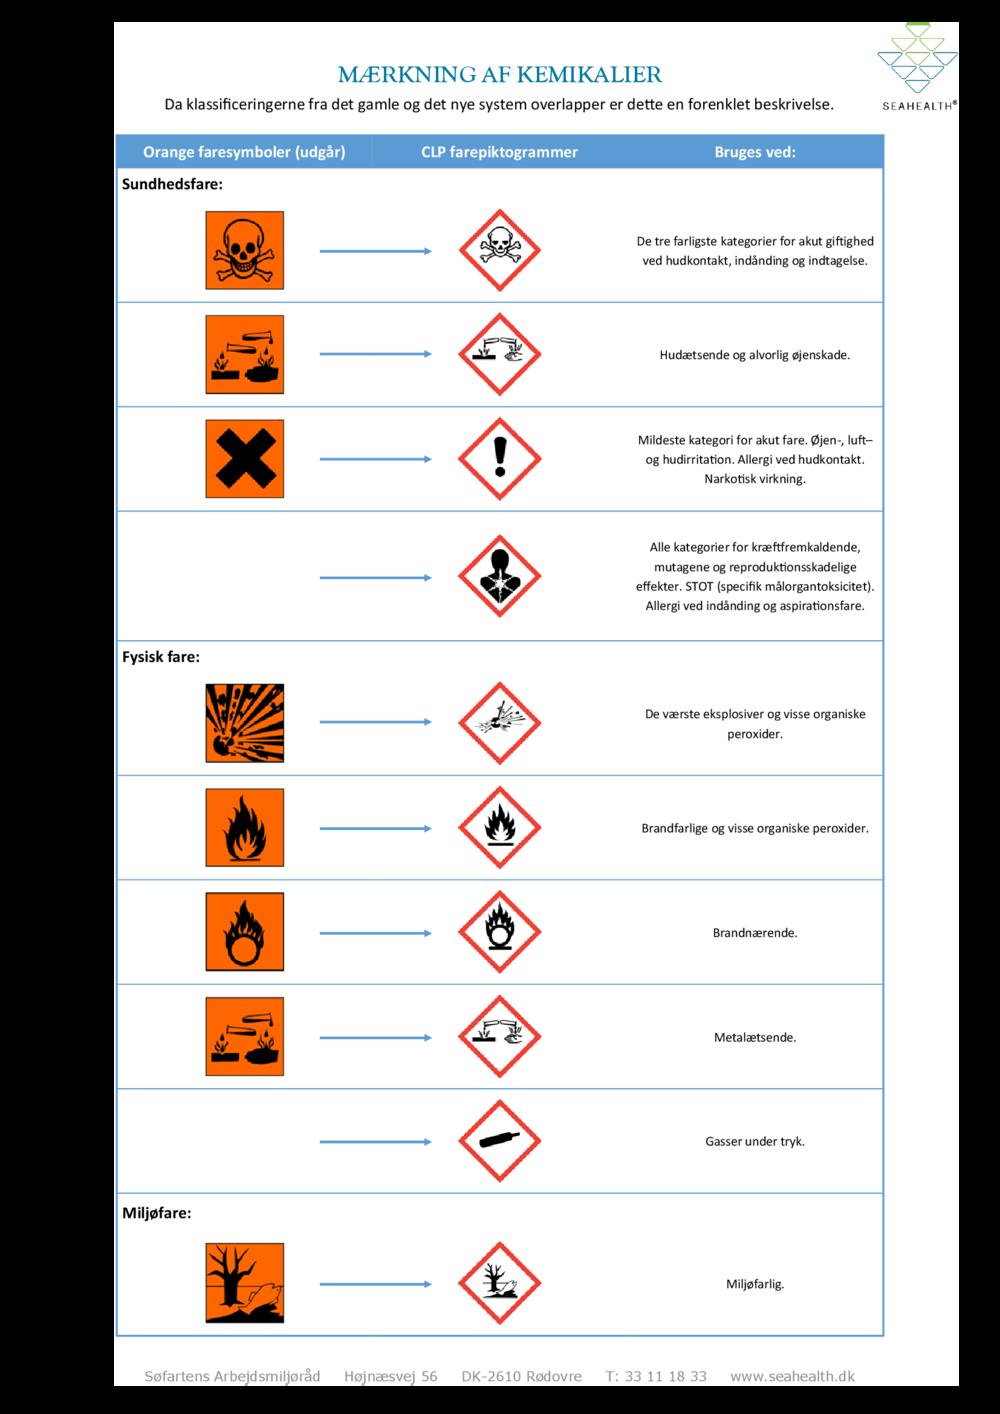 Mærkning-af-kemikalier-gammel-og-ny.png